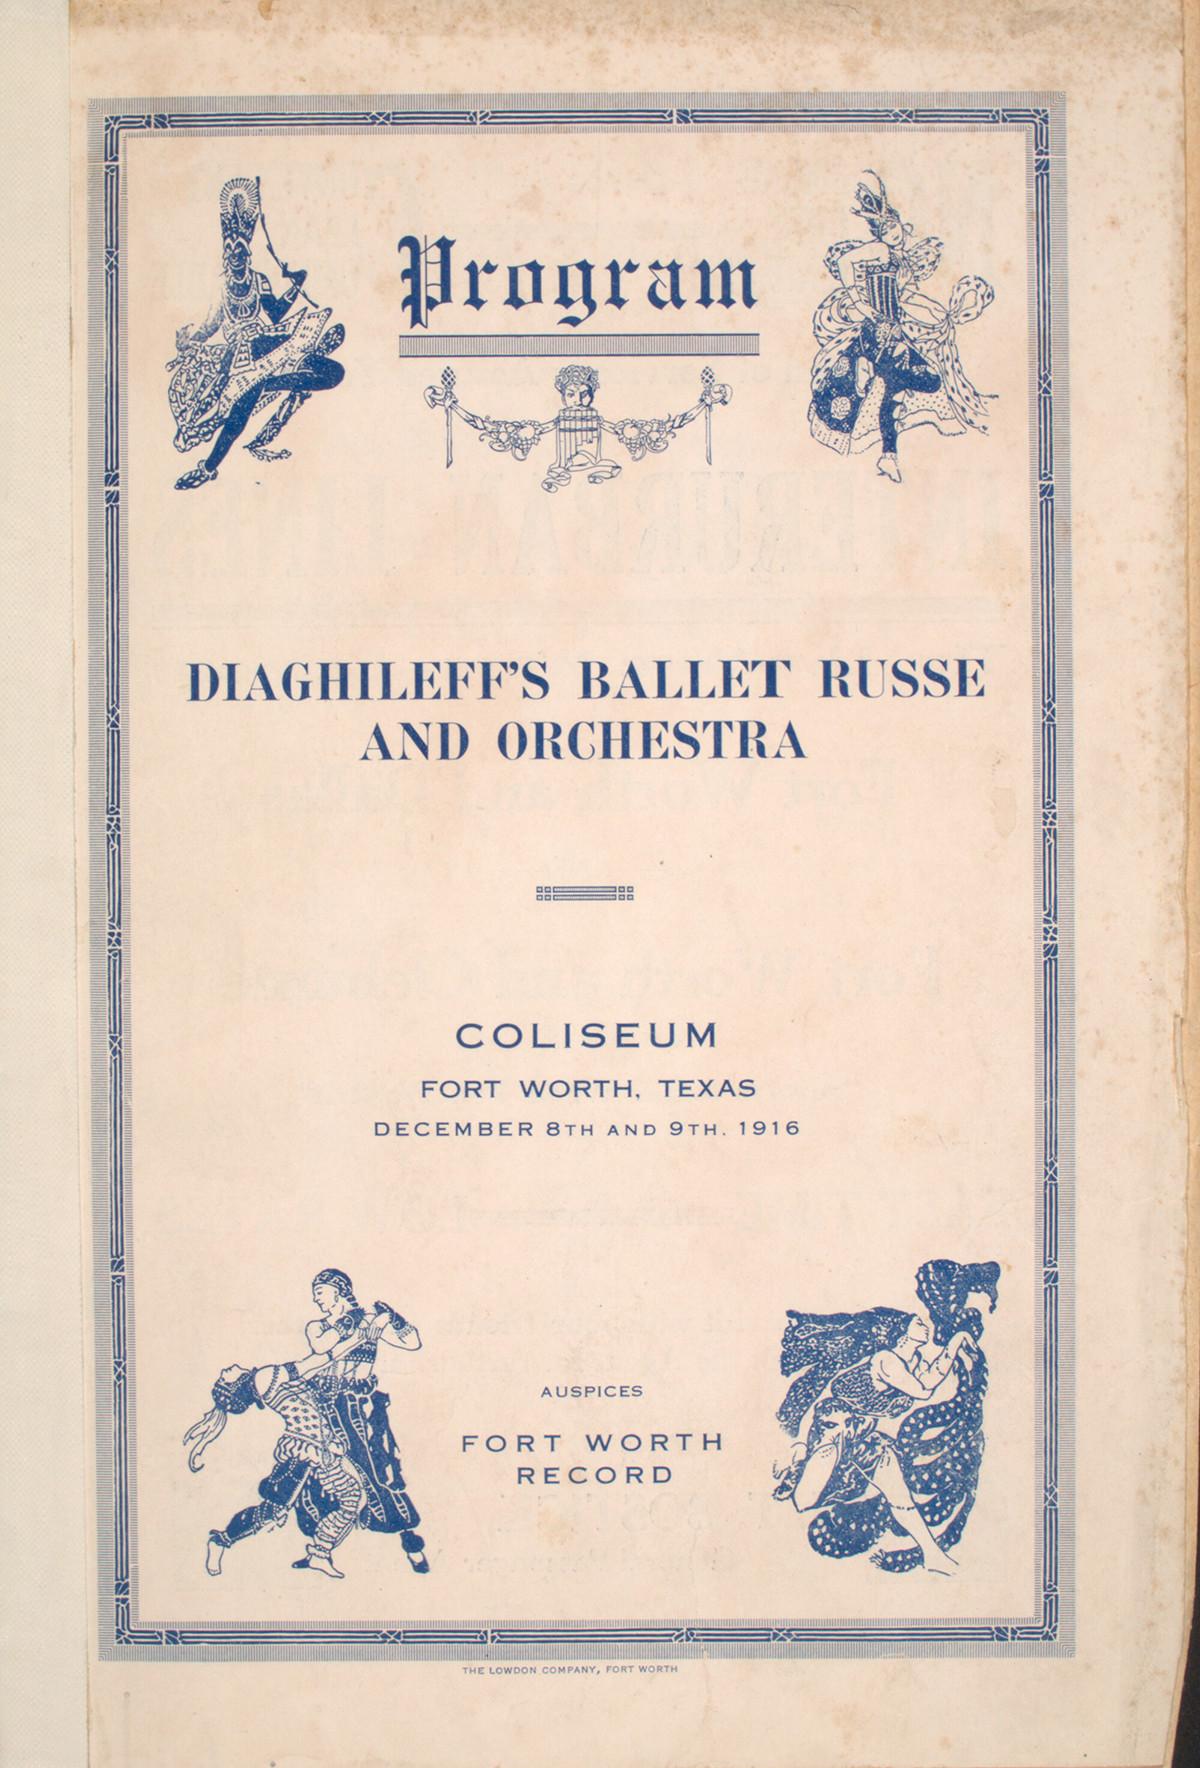 バレエ・リュスのポスター